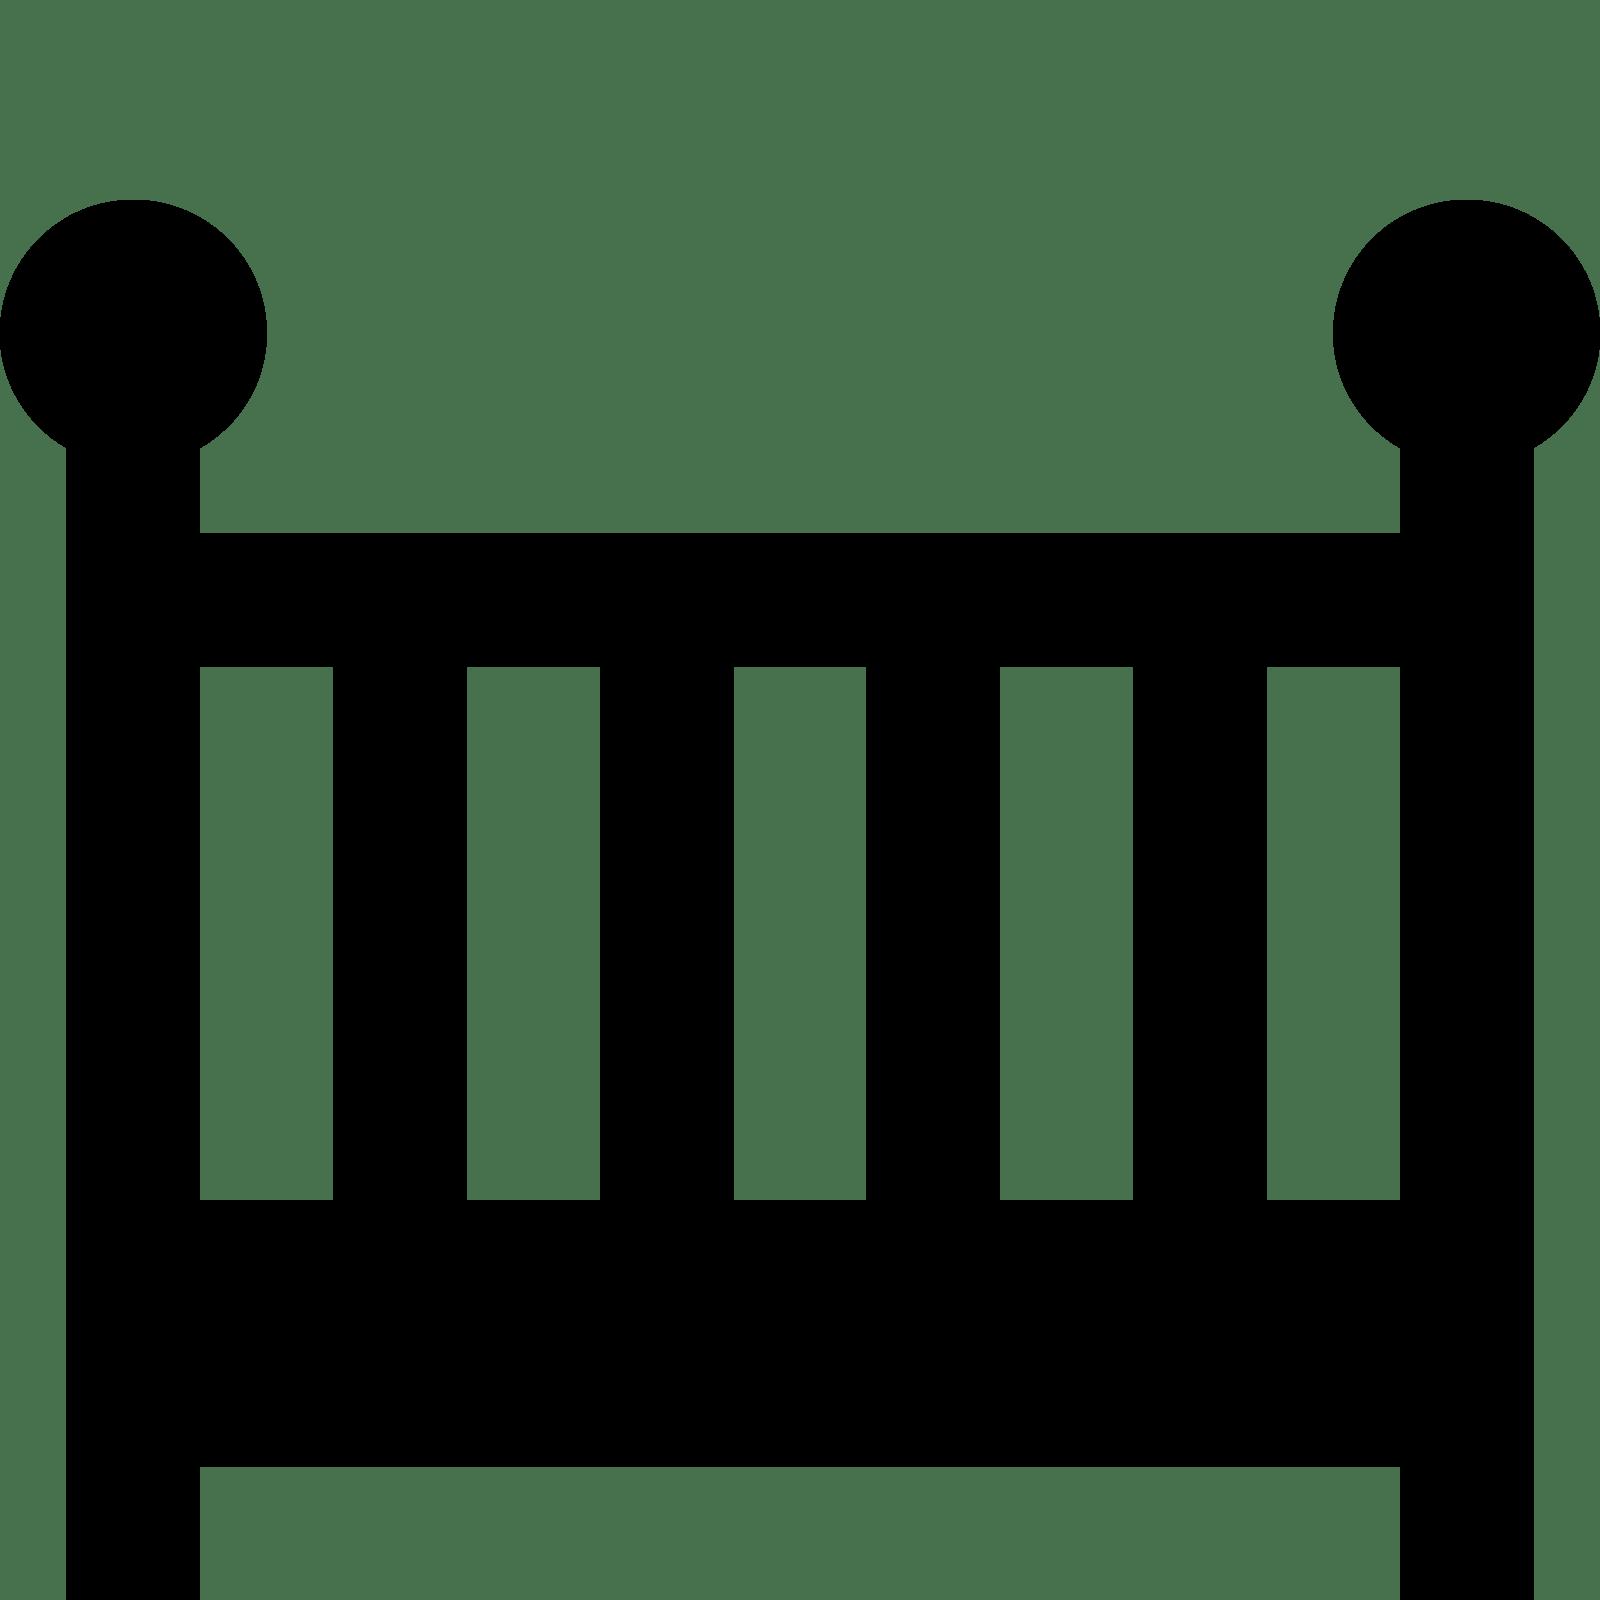 png lit gratuit transparent lit gratuit png images pluspng. Black Bedroom Furniture Sets. Home Design Ideas